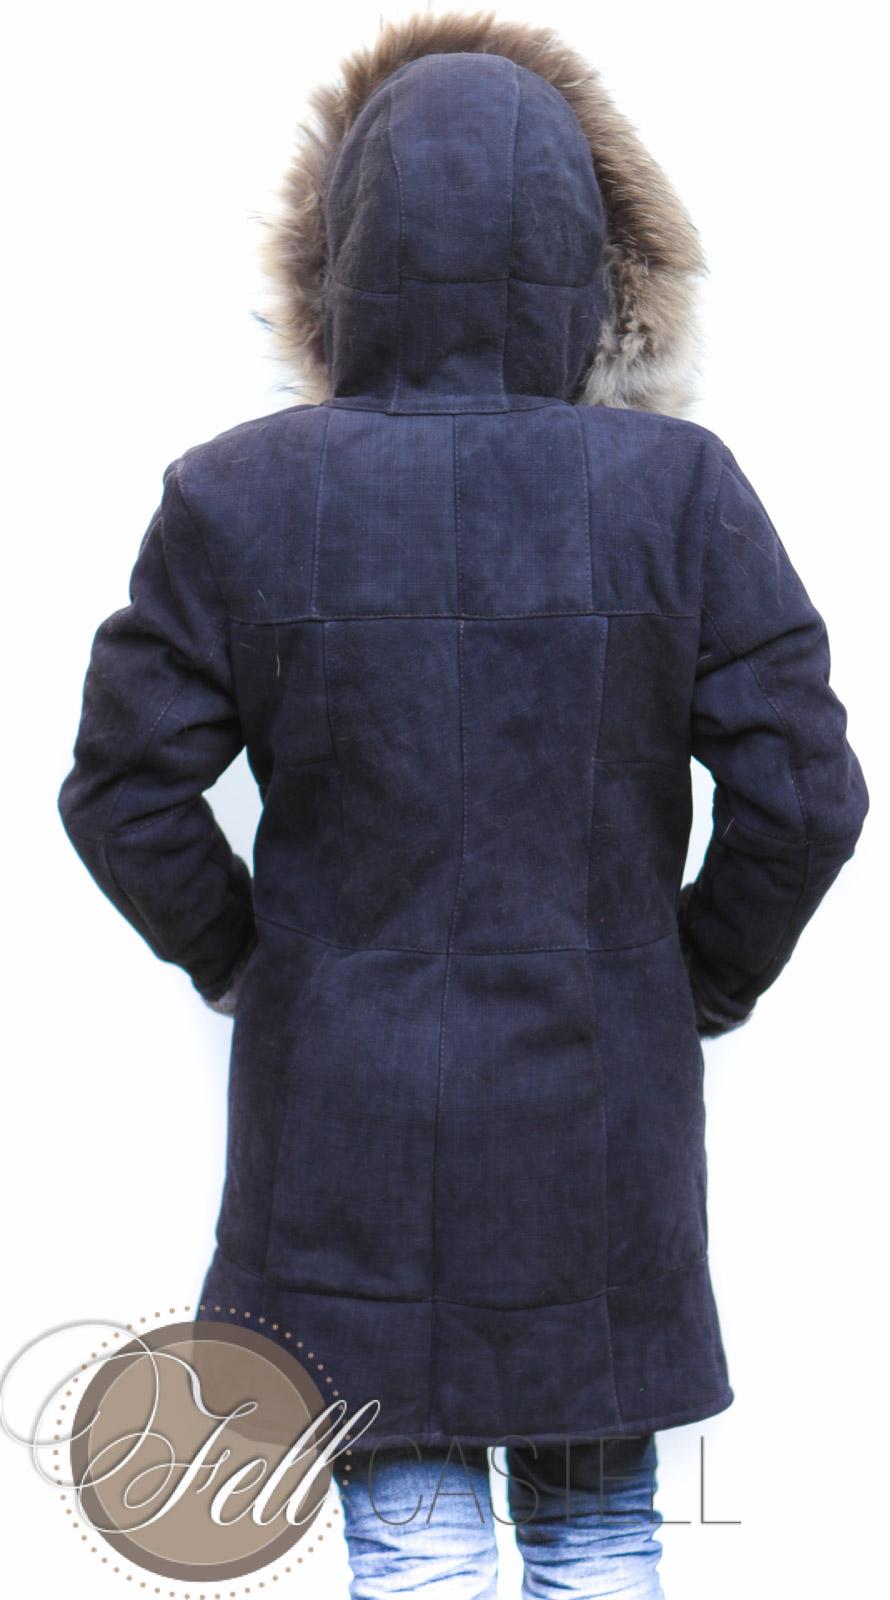 Lammfelljacke Damen Gr. 42/44 Velourleder dunkelblau mit Kapuze